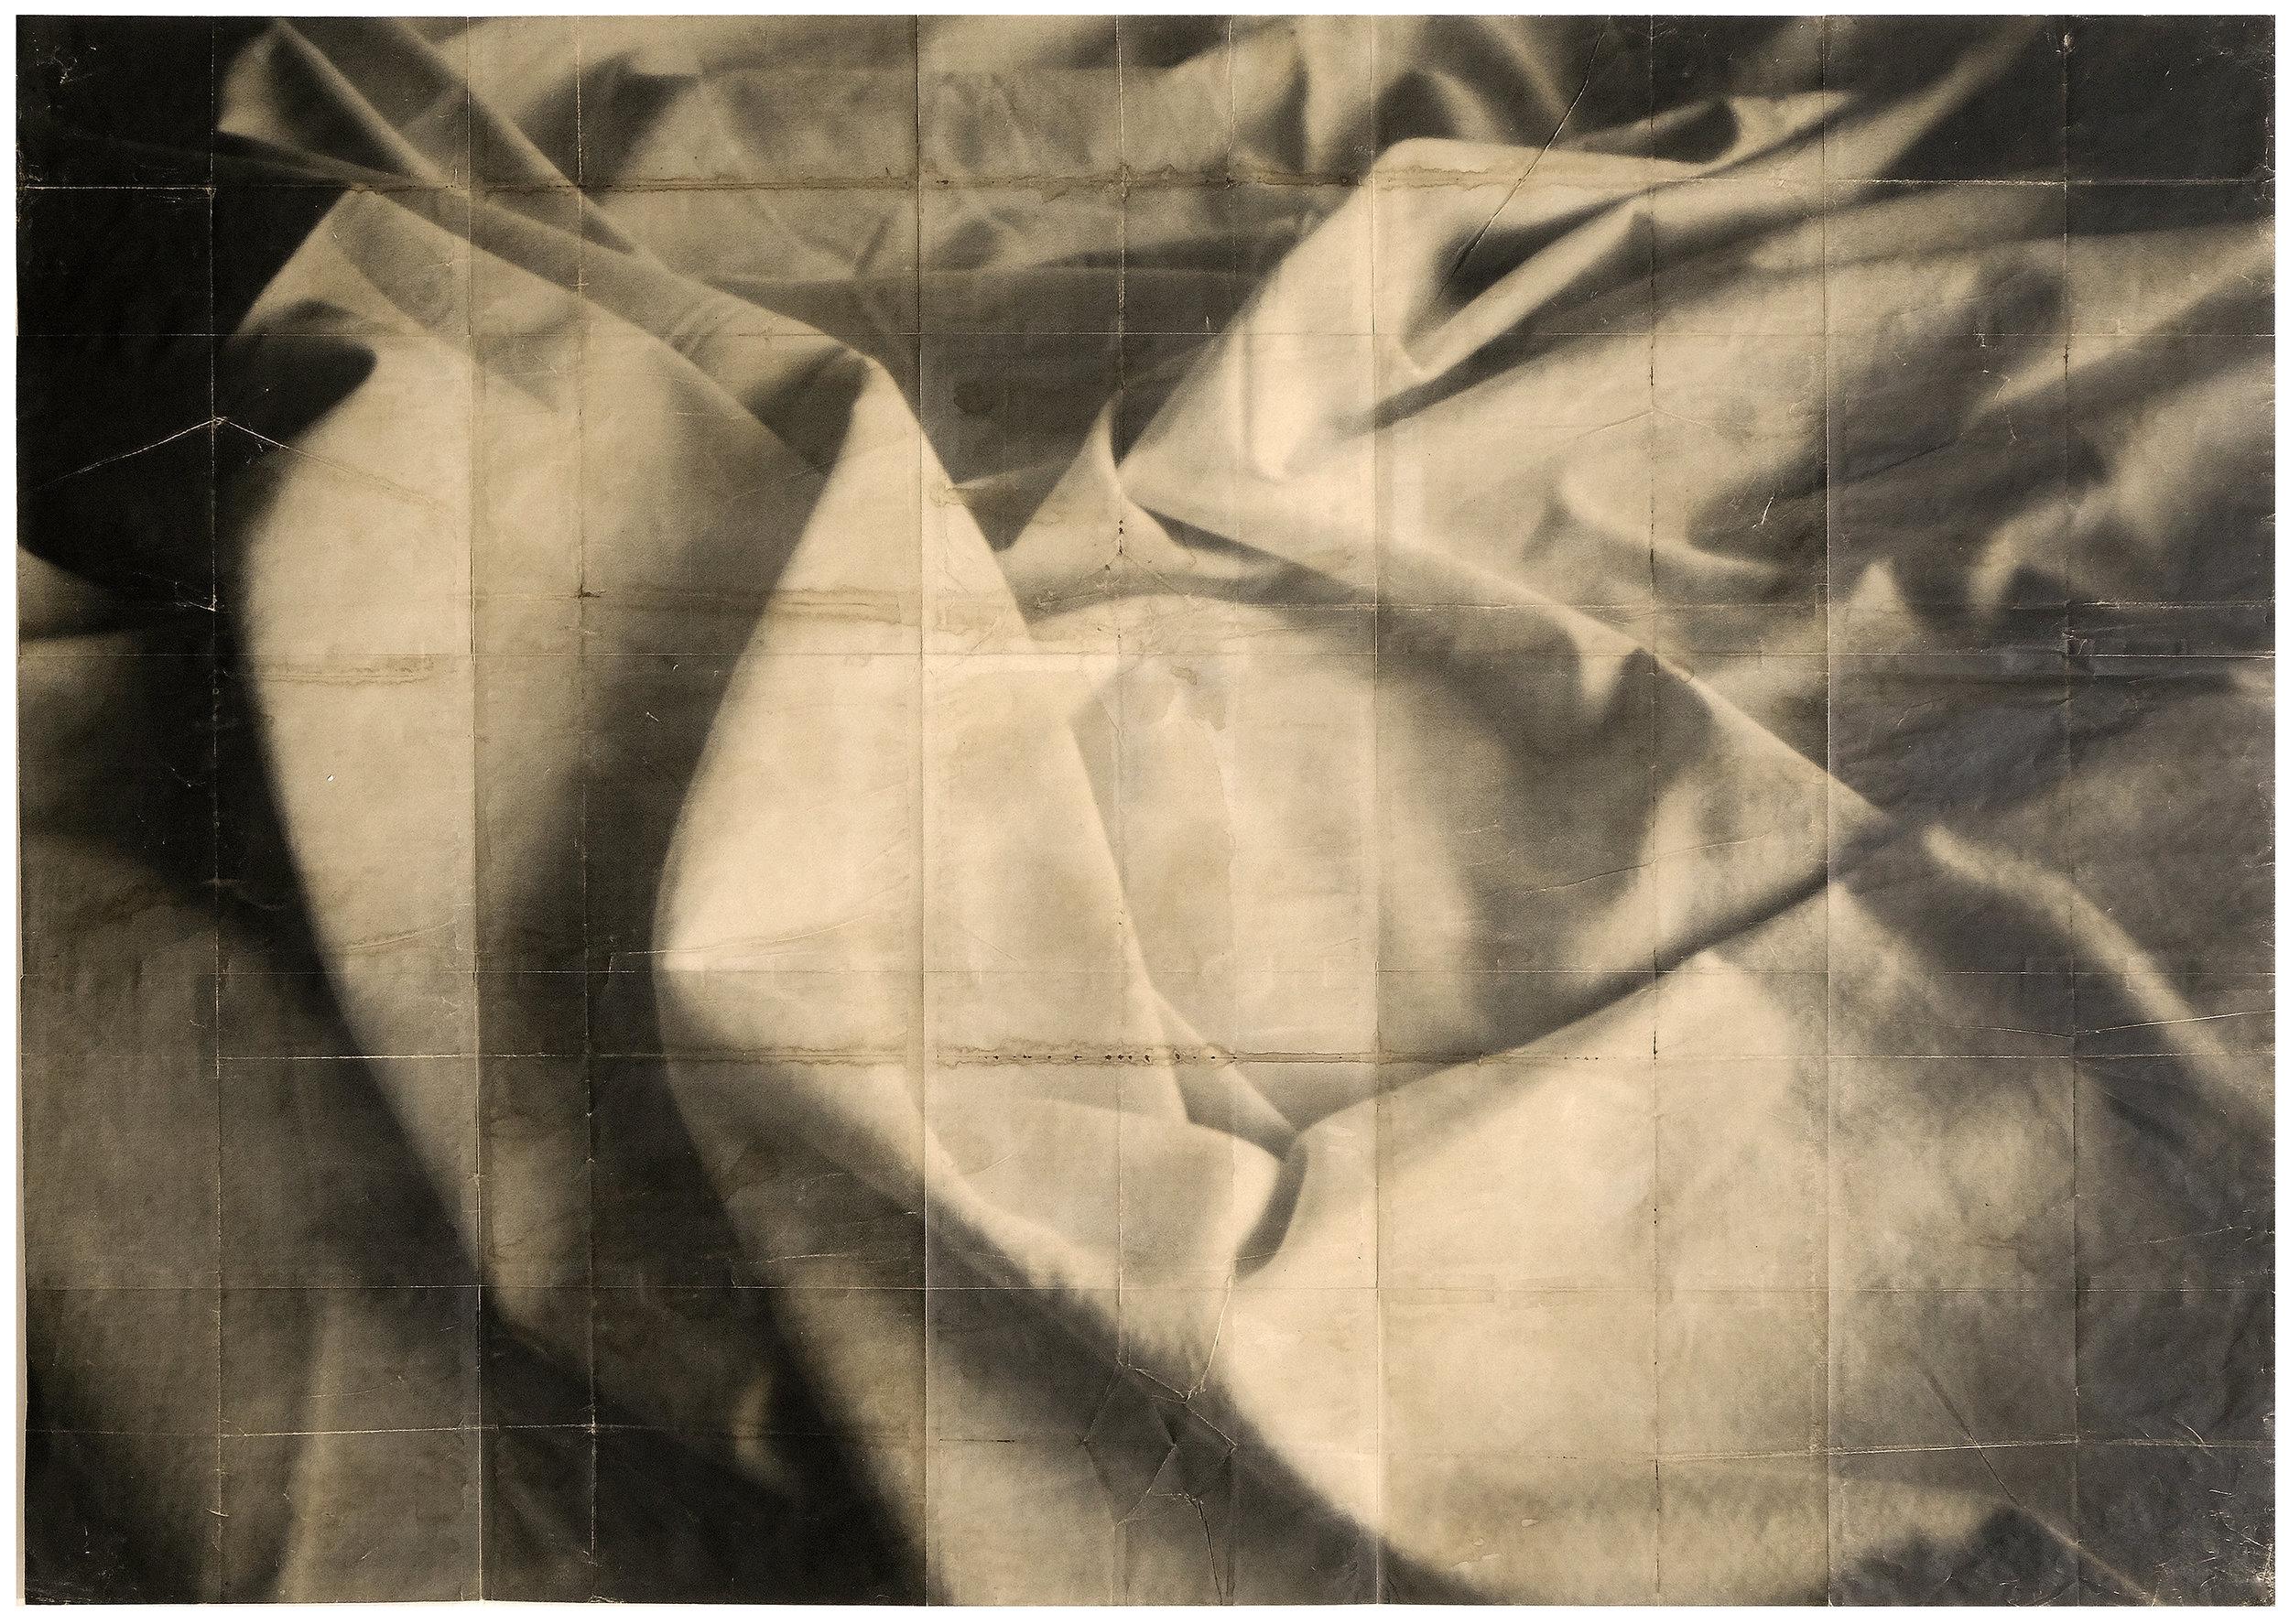 Impronte #001 by Patricio Reig